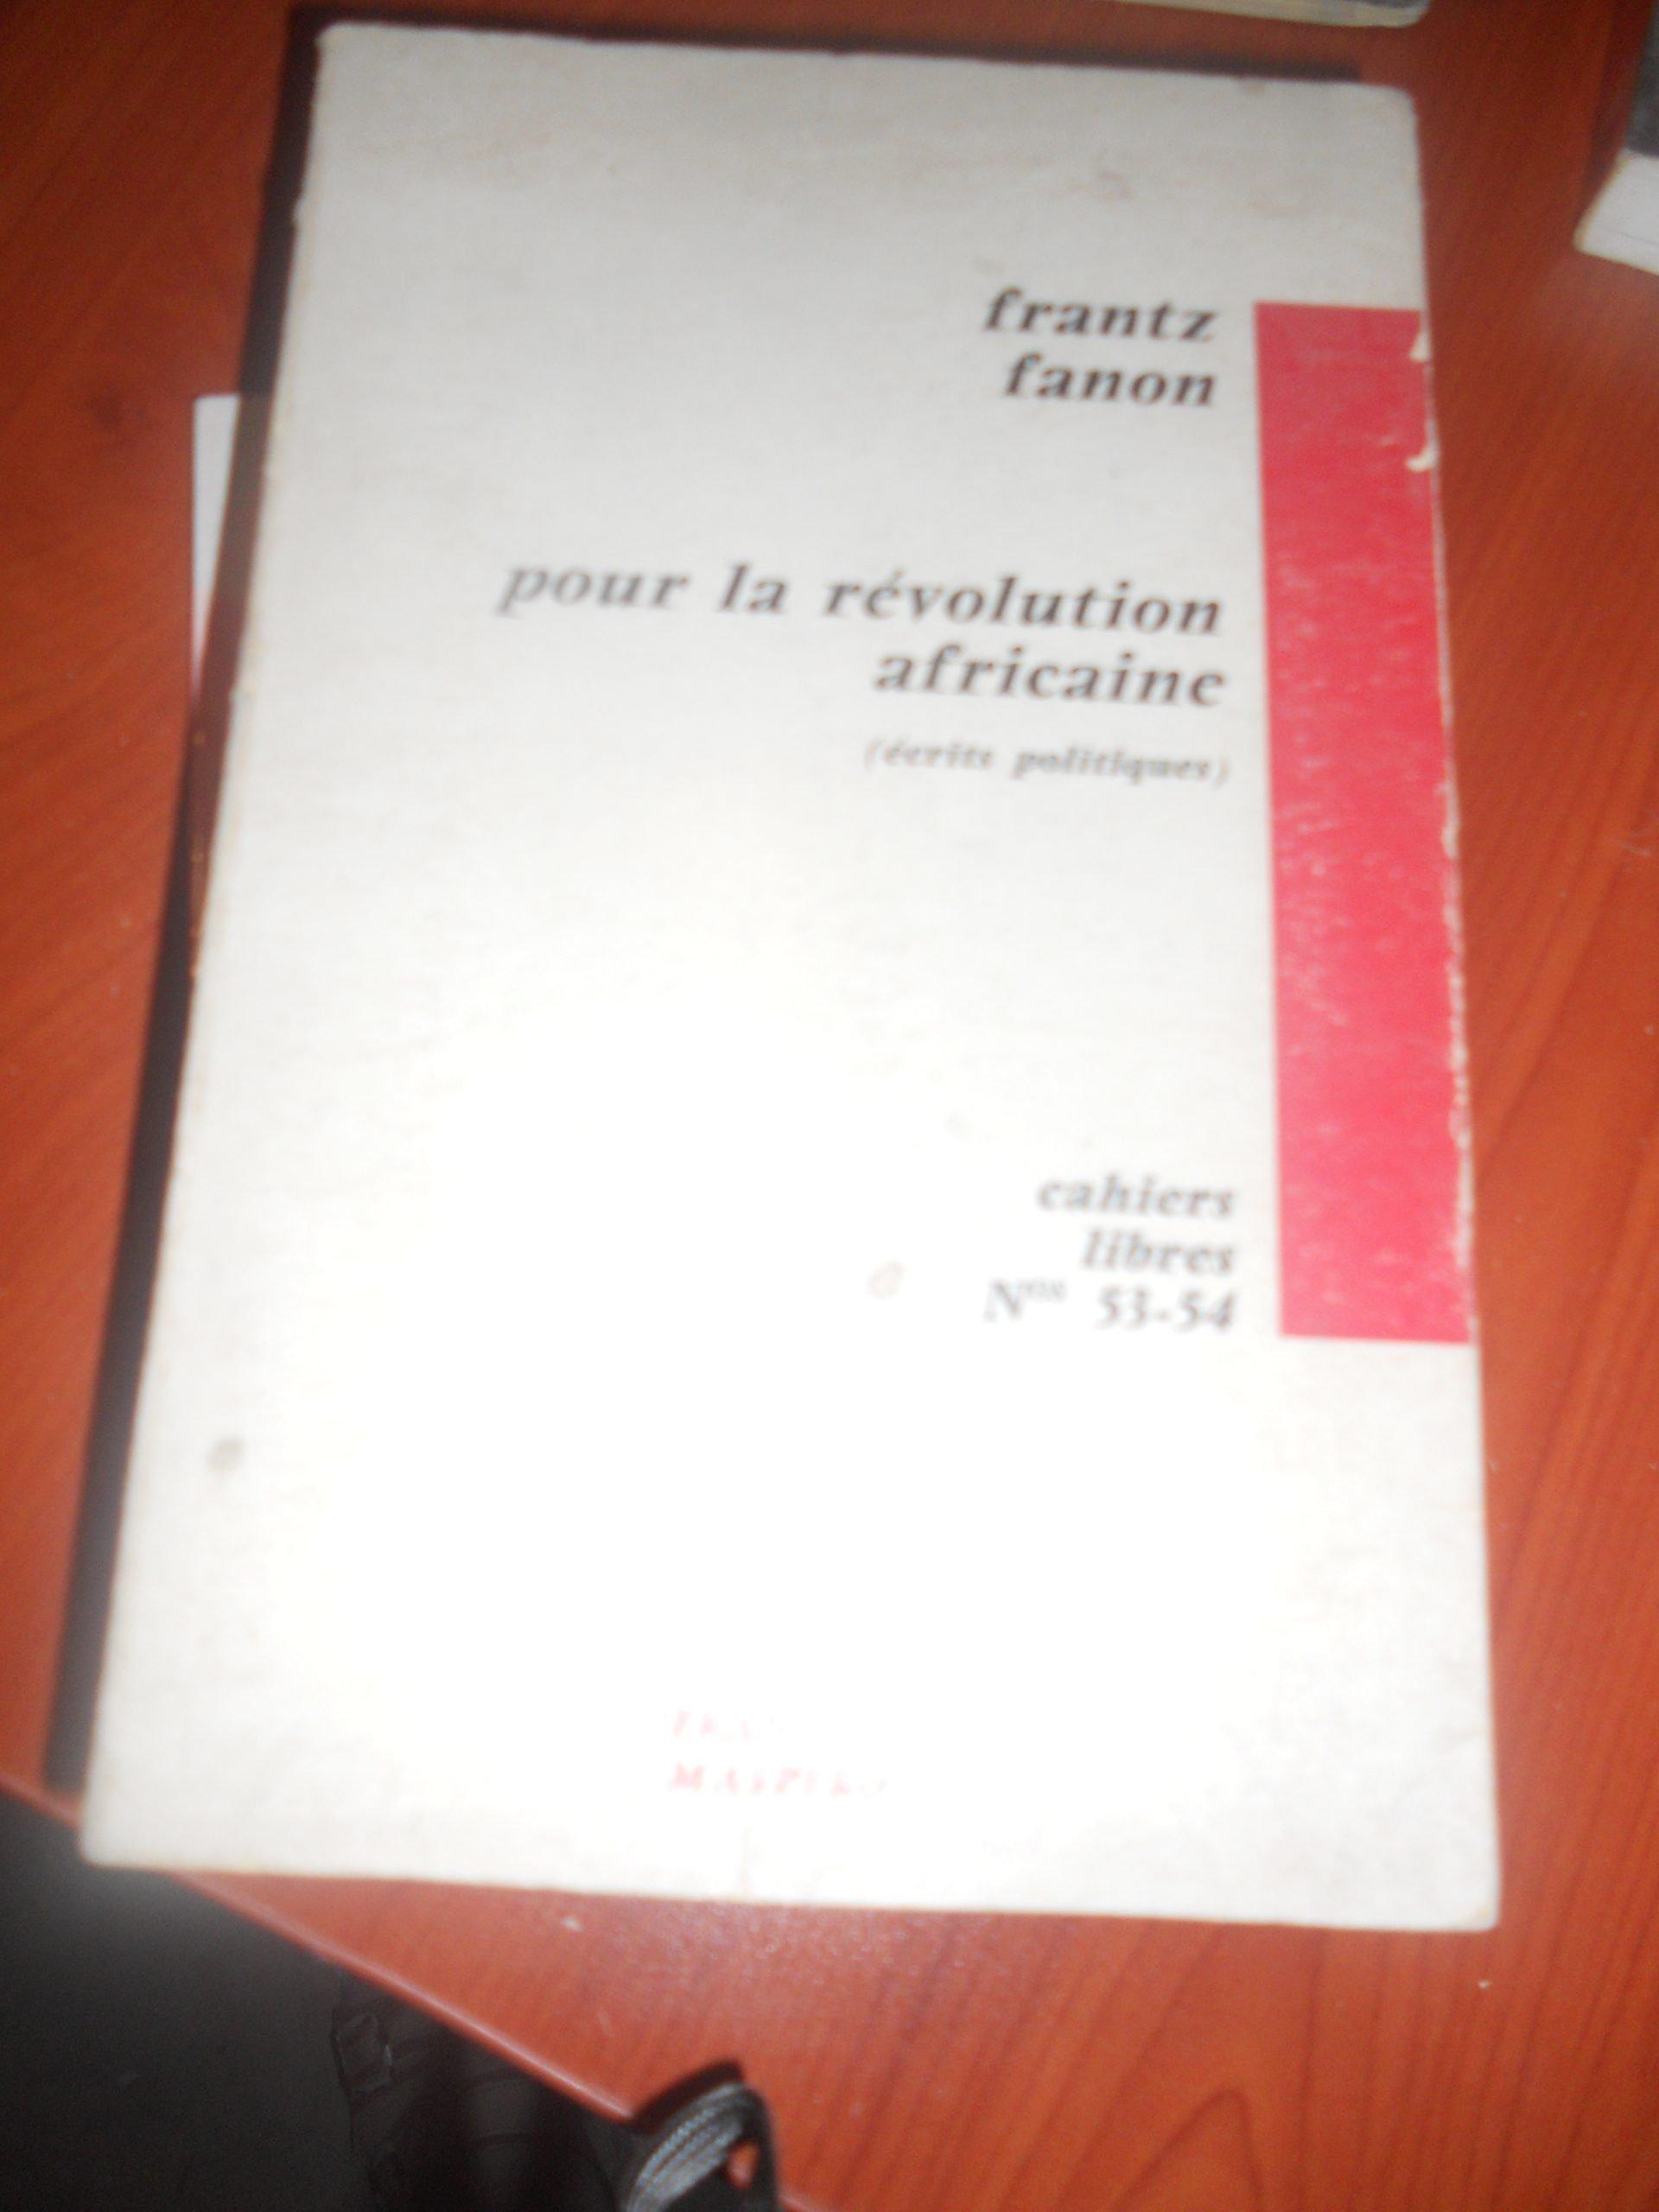 pour la revolution africane/Frantz Fanon/15 tl